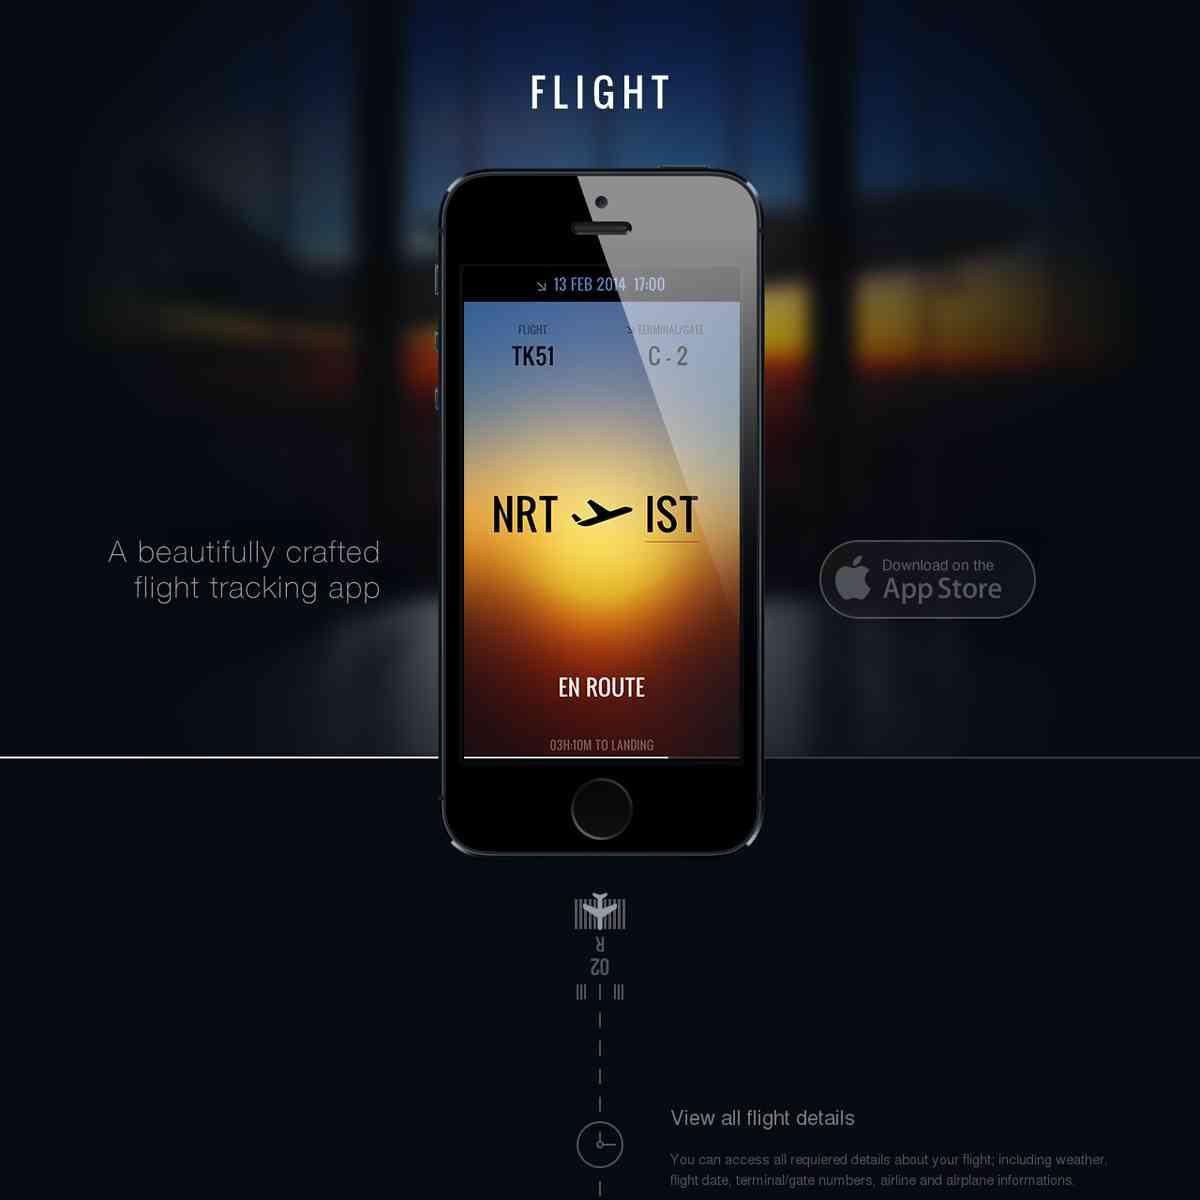 innovationbox.com/flight/